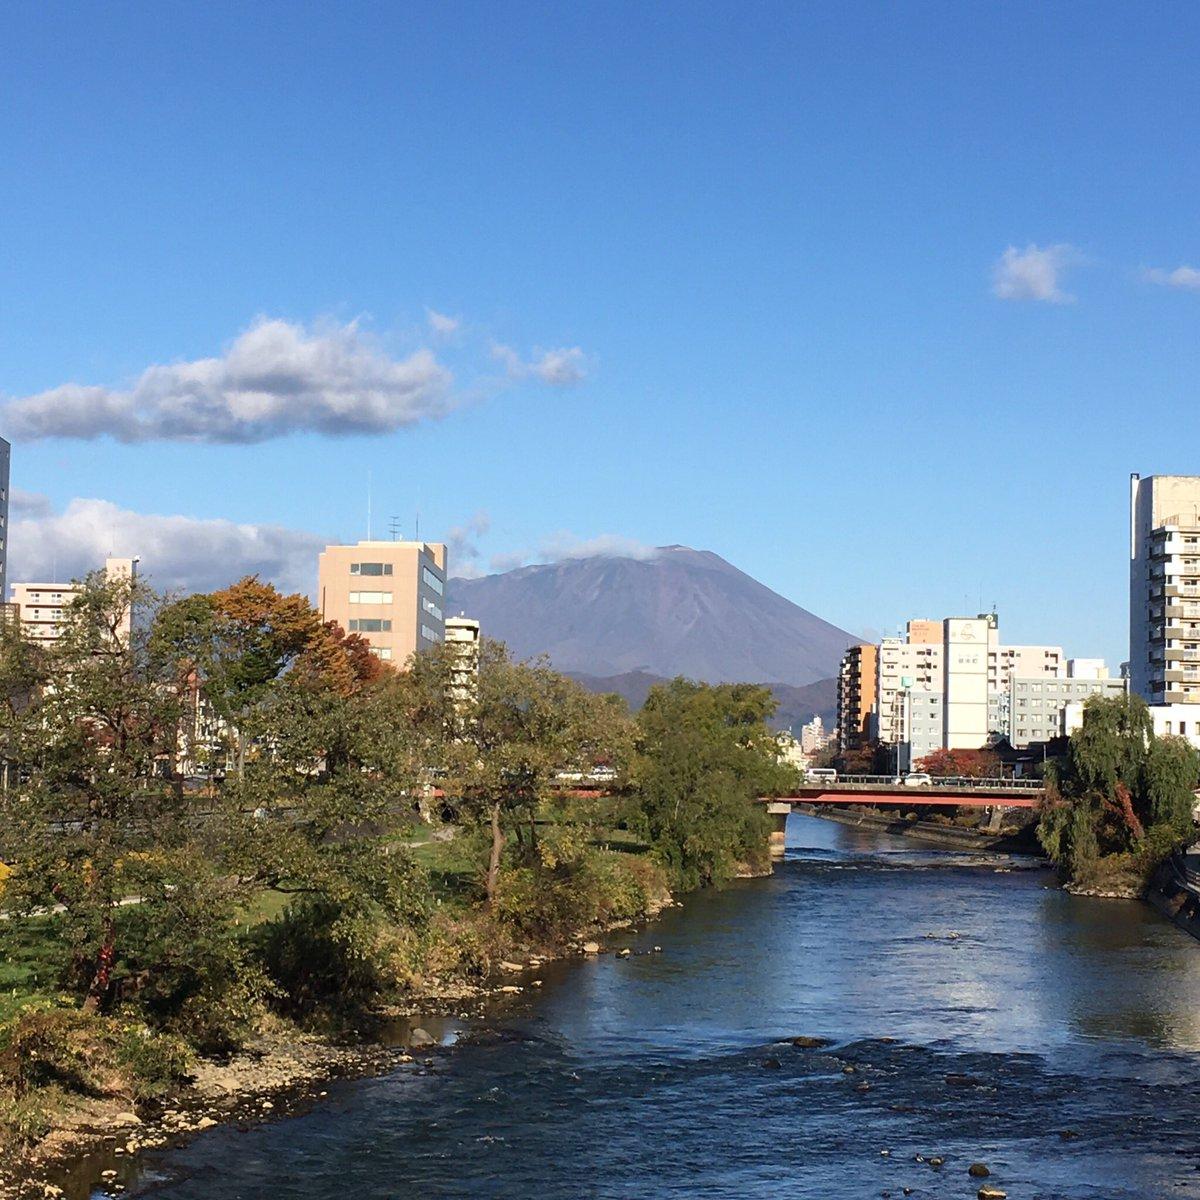 2019/11/05 盛岡市の開運橋から撮影。みなさま、体調管理に気をつけてお過ごしください。 #岩手 #盛岡 #北上川 #岩手山 #岩手においでよ